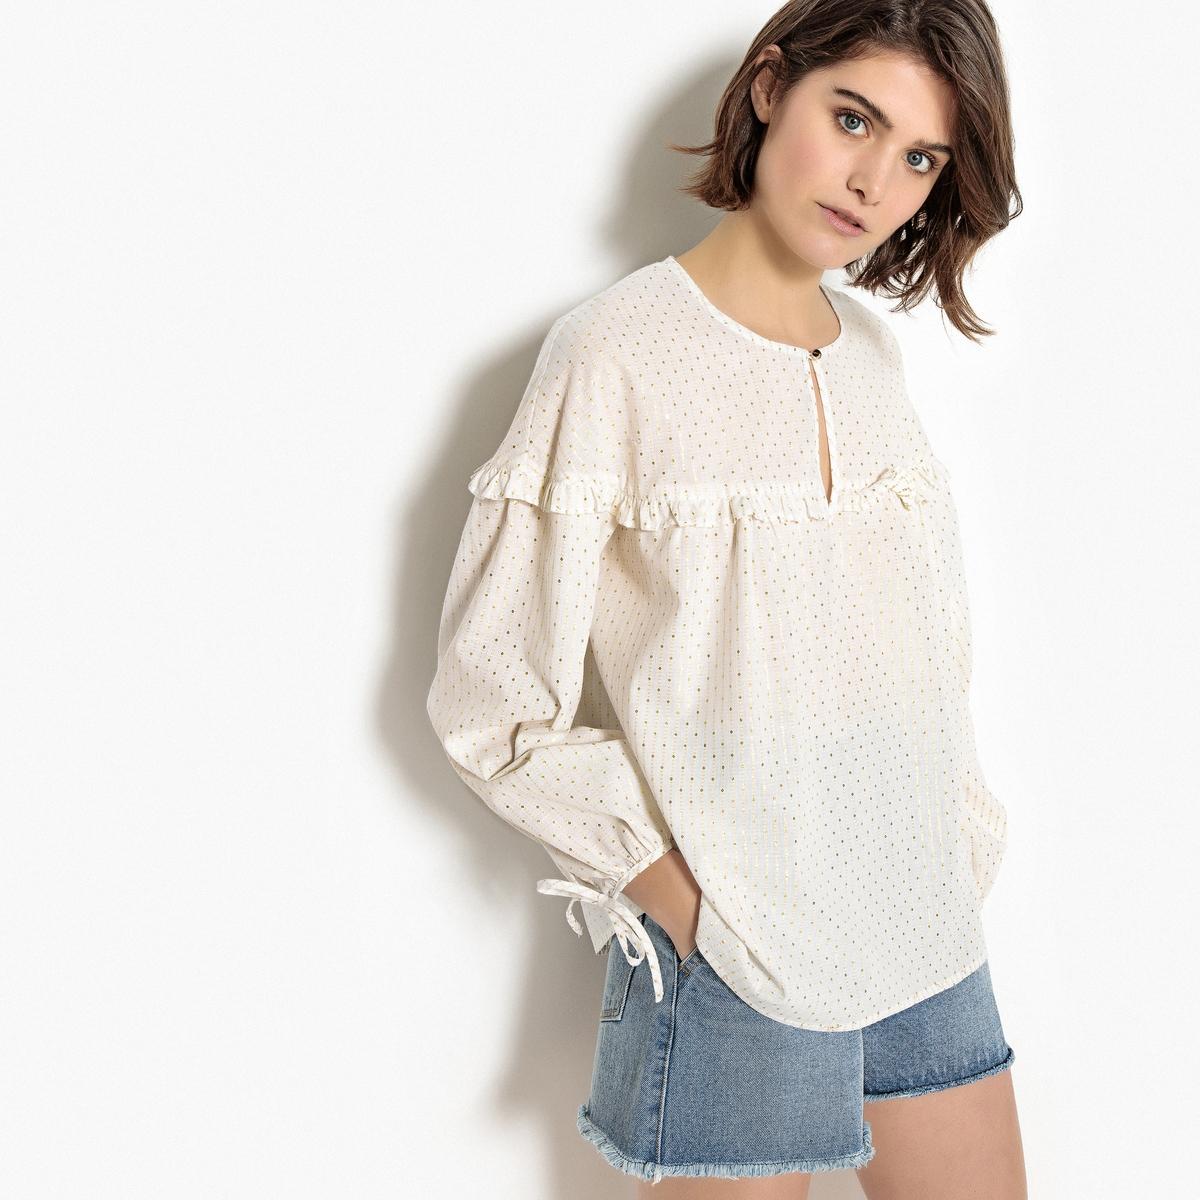 Блузка свободного покроя с вышивкой нитями с металлическим блеском золотистого цвета